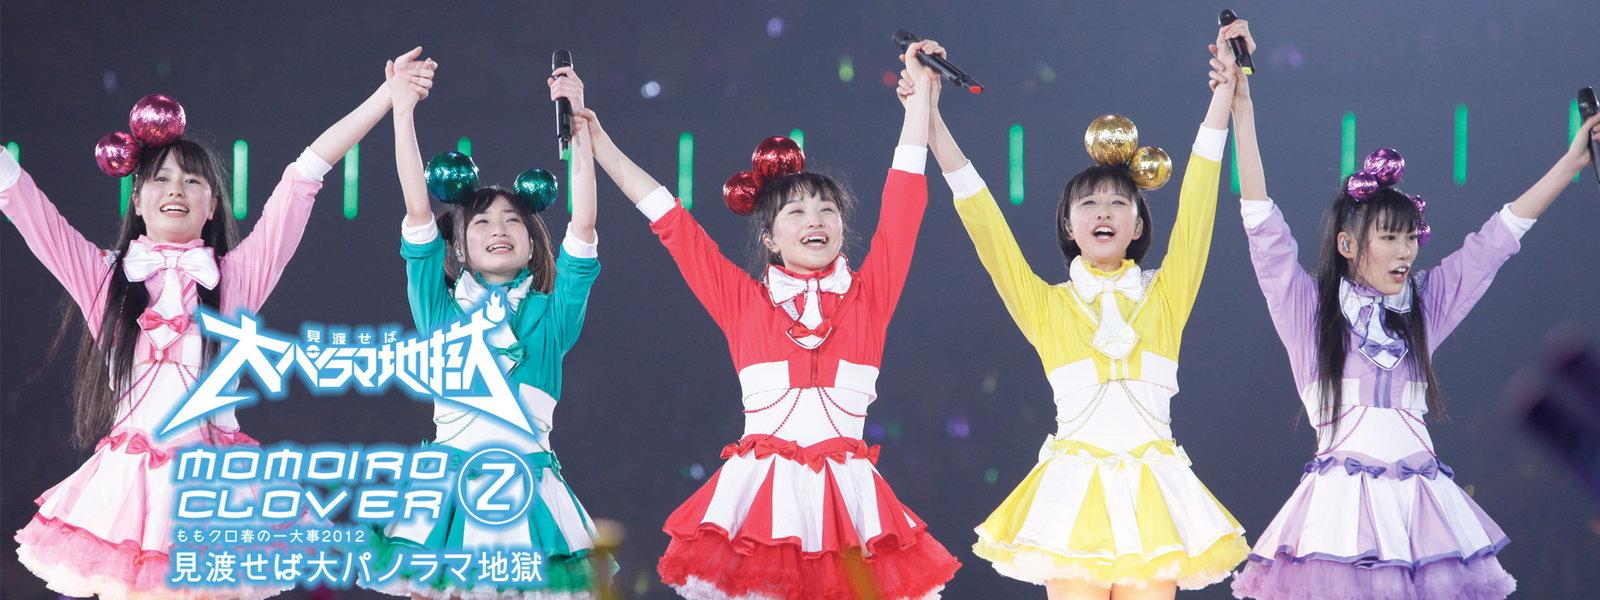 ももクロ春の一大事2012 ~横浜アリーナ まさかの2DAYS~ 見渡せば大パノラマ地獄 動画